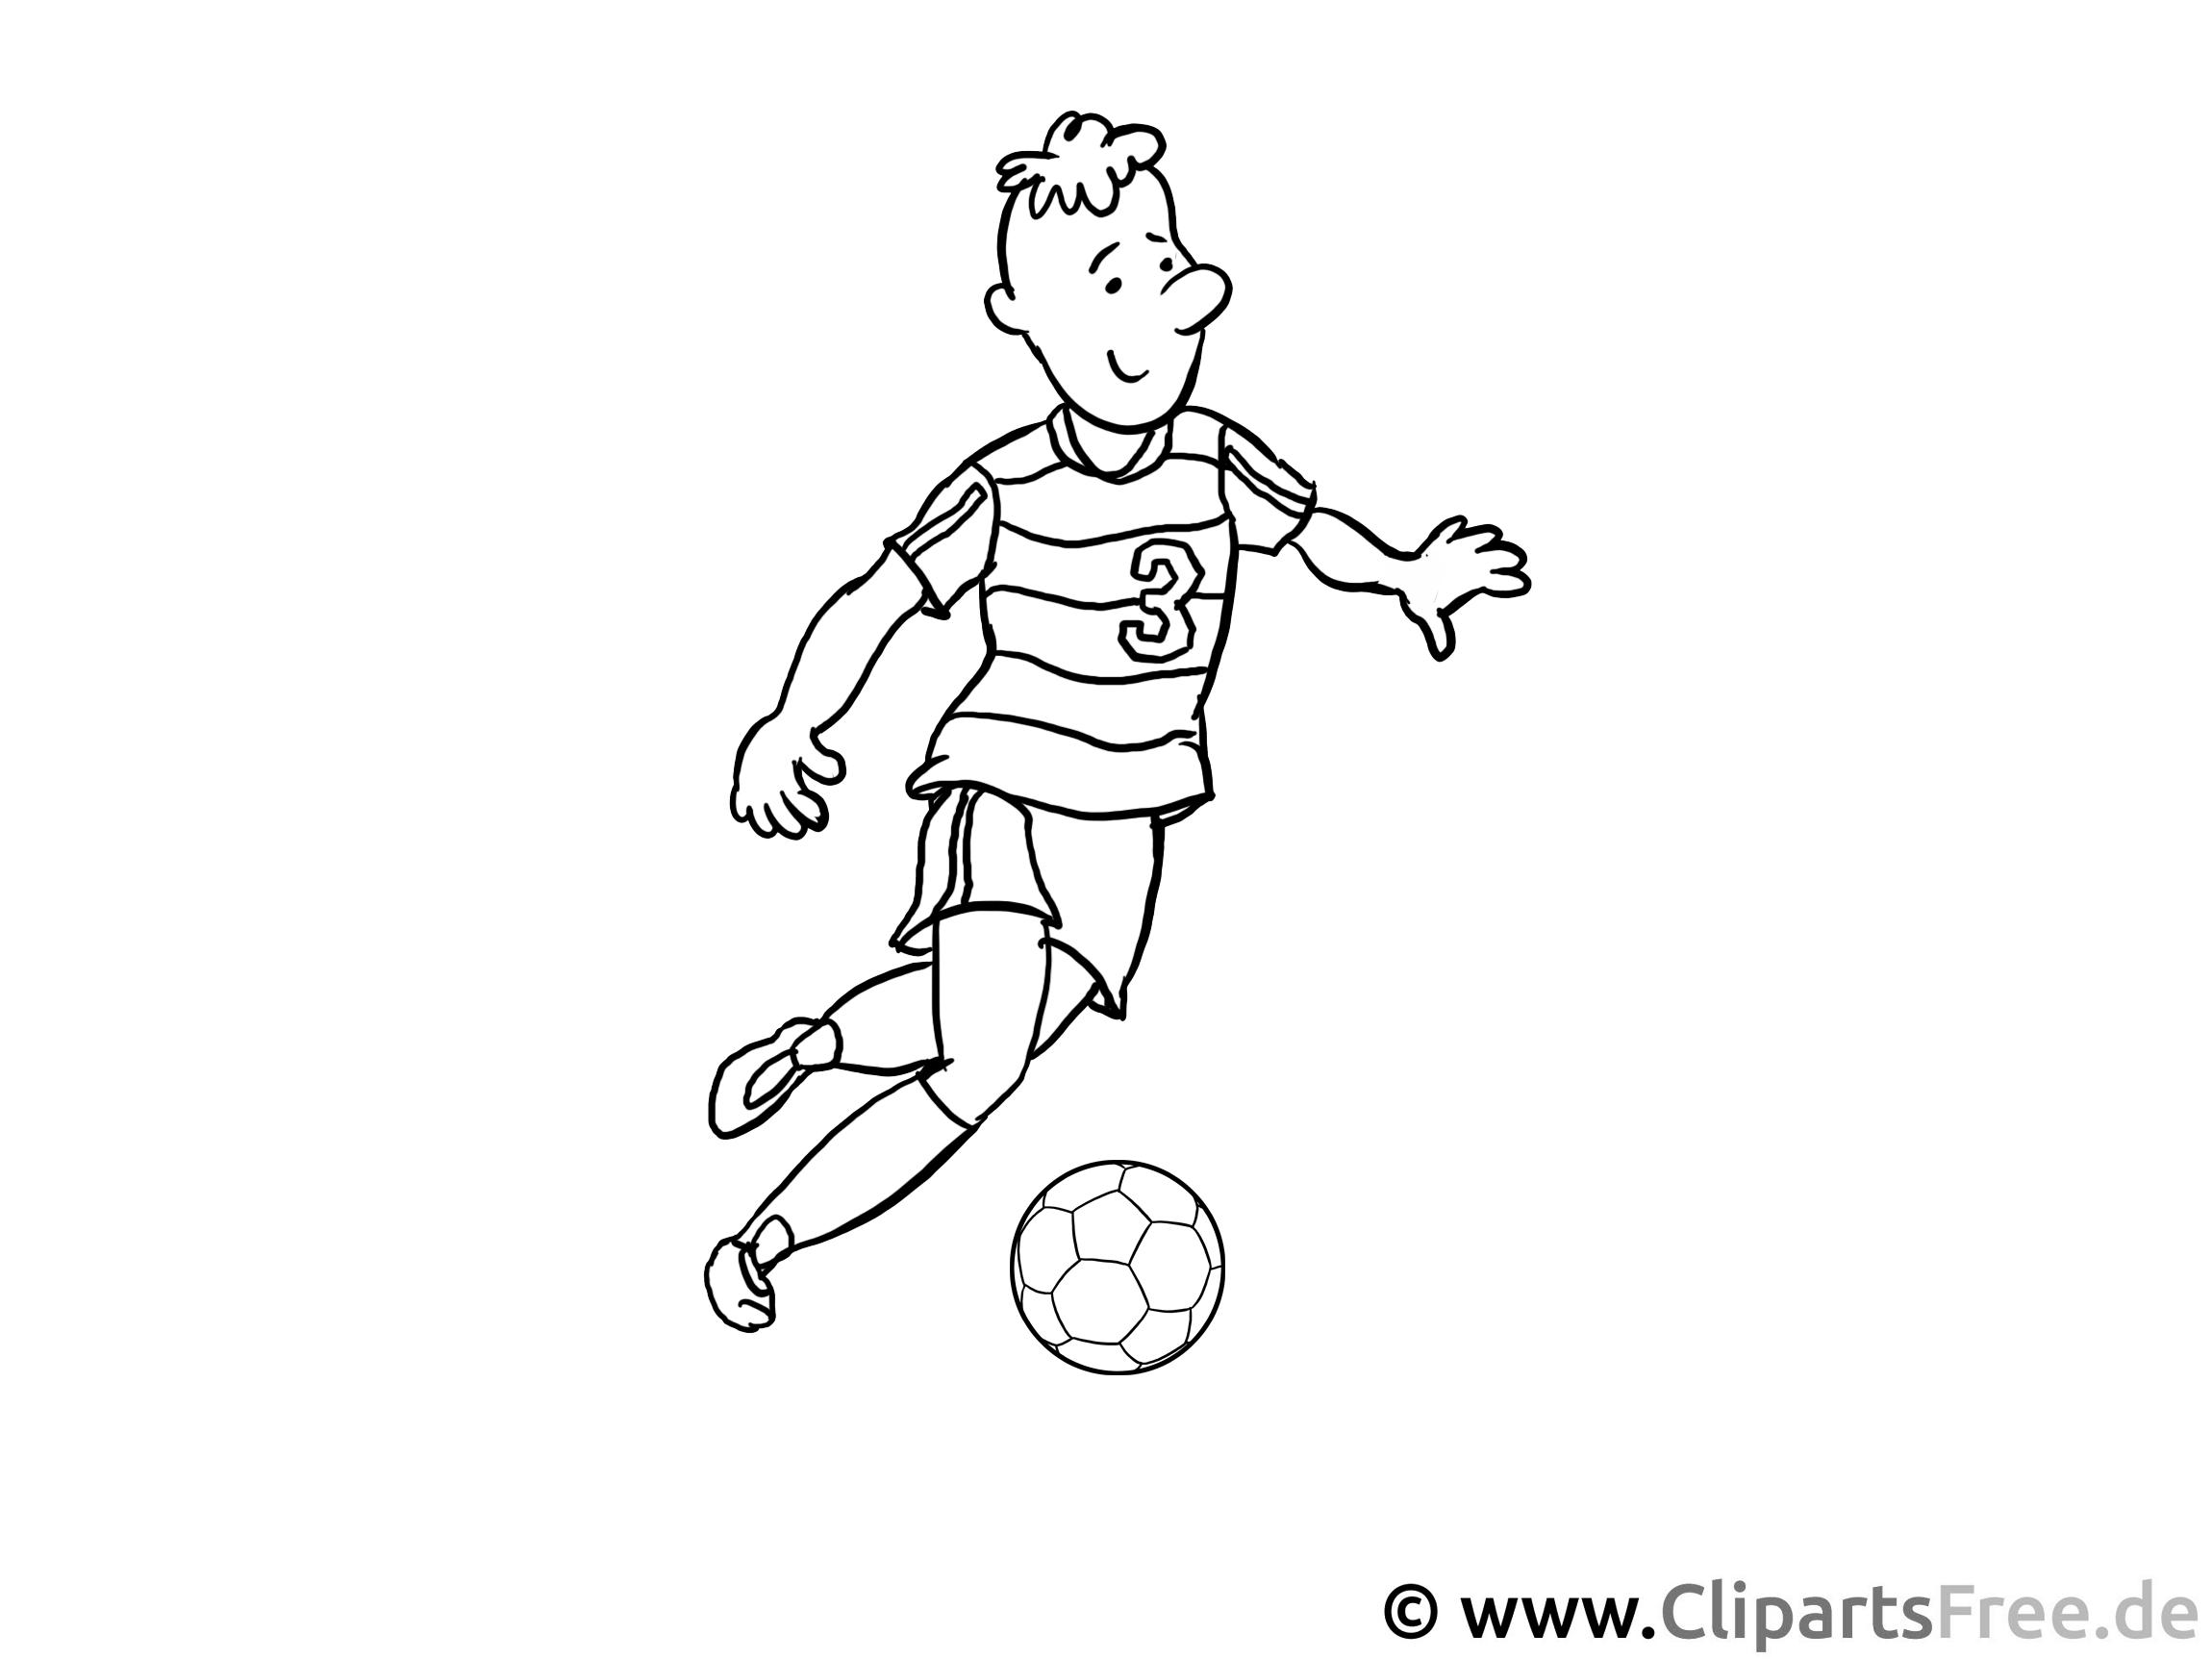 malvorlagen fußball für unterricht in schule und kiga